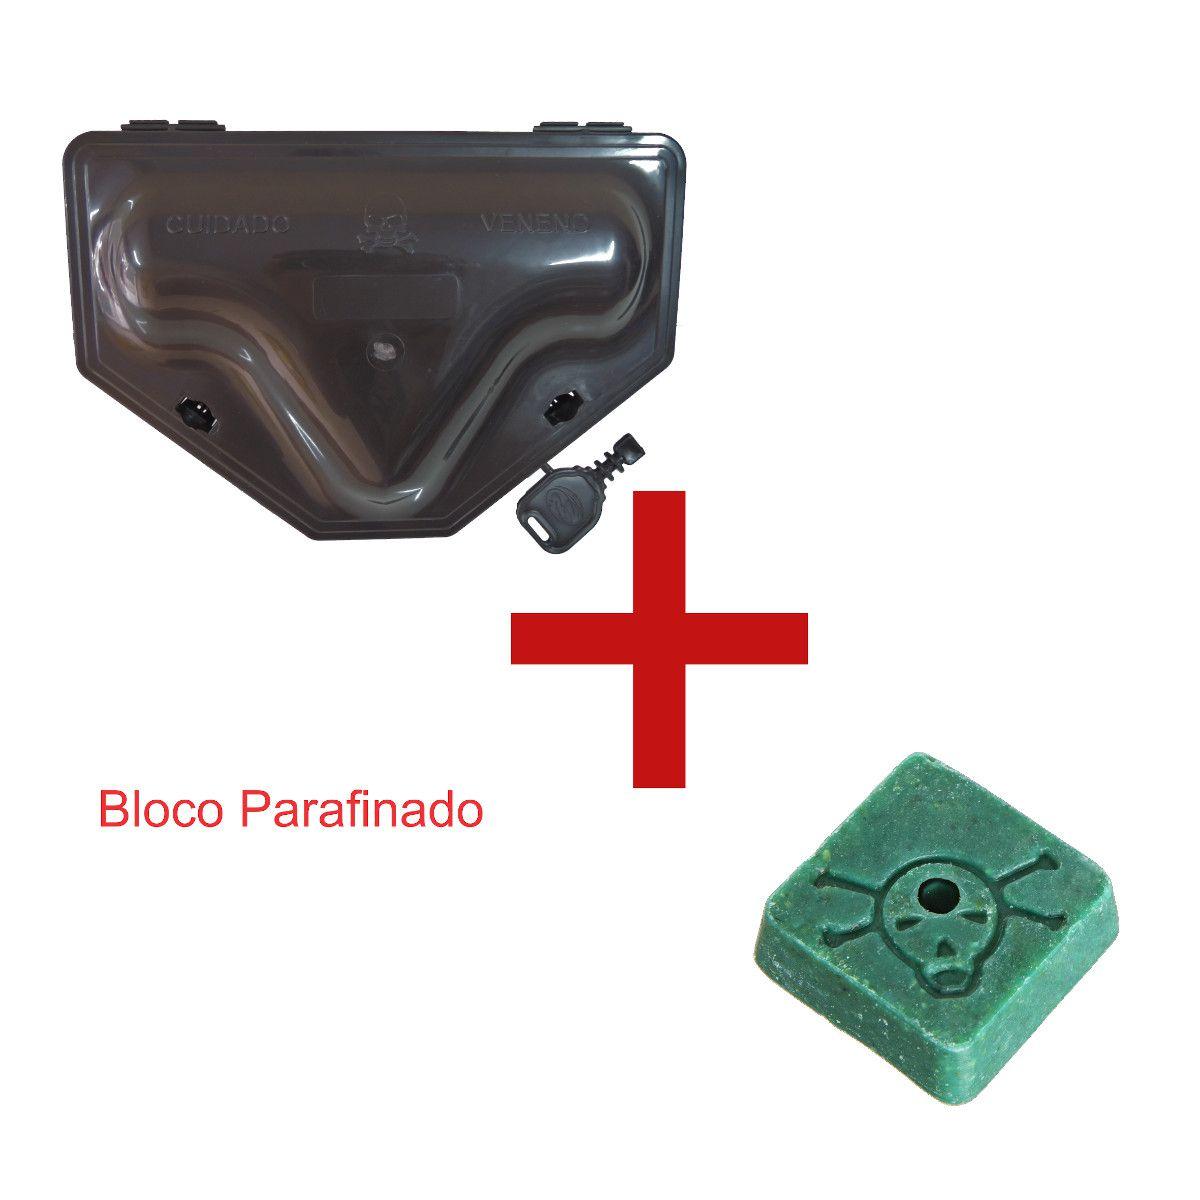 37 Porta Iscas C/ Duplo Travamento + 37 Bloco Parafinado